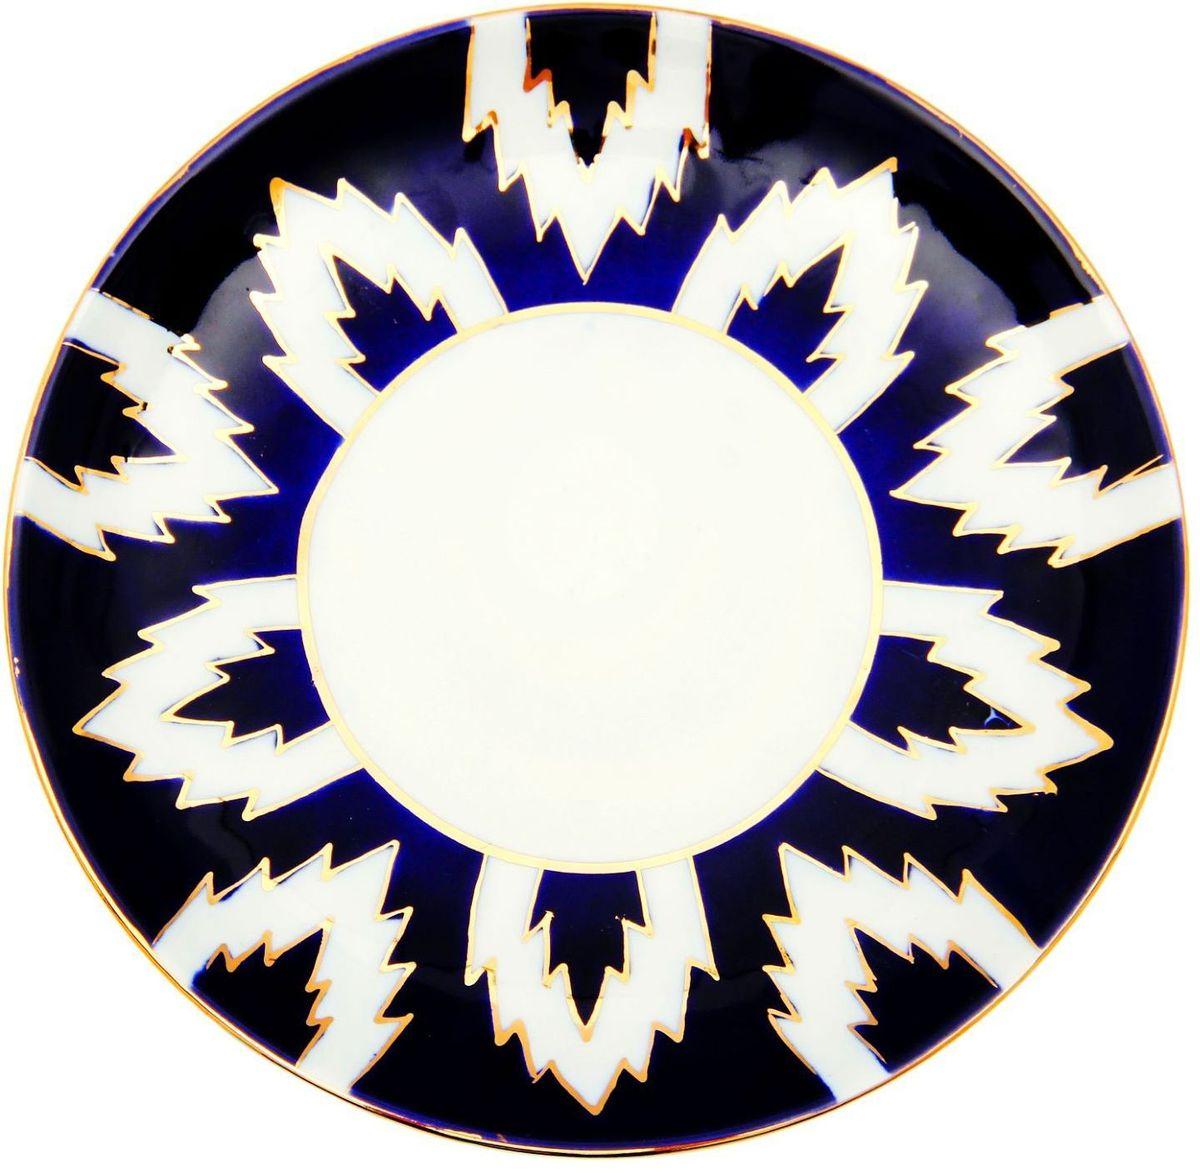 Тарелка Turon Porcelain Атлас, цвет: белый, синий, золотистый, диаметр 19,5 см1625405Тарелка Turon Porcelain Атлас, выполненная из качественного фарфора, подойдет для повседневной и праздничной сервировки. Дополните стол текстилем и салфетками в тон, чтобы получить элегантное убранство с яркими акцентами. Национальная узбекская роспись Атлас имеет симметричный геометрический рисунок. Узоры, похожие на листья, выводятся тонкой кистью, фон заливается темно-синим кобальтом. Синий краситель при обжиге слегка растекается и придает контуру изображений голубой оттенок. Густая глазурь наносится толстым слоем, благодаря чему рисунок мерцает. Узбекская посуда известна всему миру уже более тысячи лет. Ей любовались царские особы, на ней подавали еду для шейхов и знатных персон. Формулы красок и глазури передаются из поколения в поколение. По сей день качественные расписные изделия продолжают восхищать совершенством и завораживающей красотой.